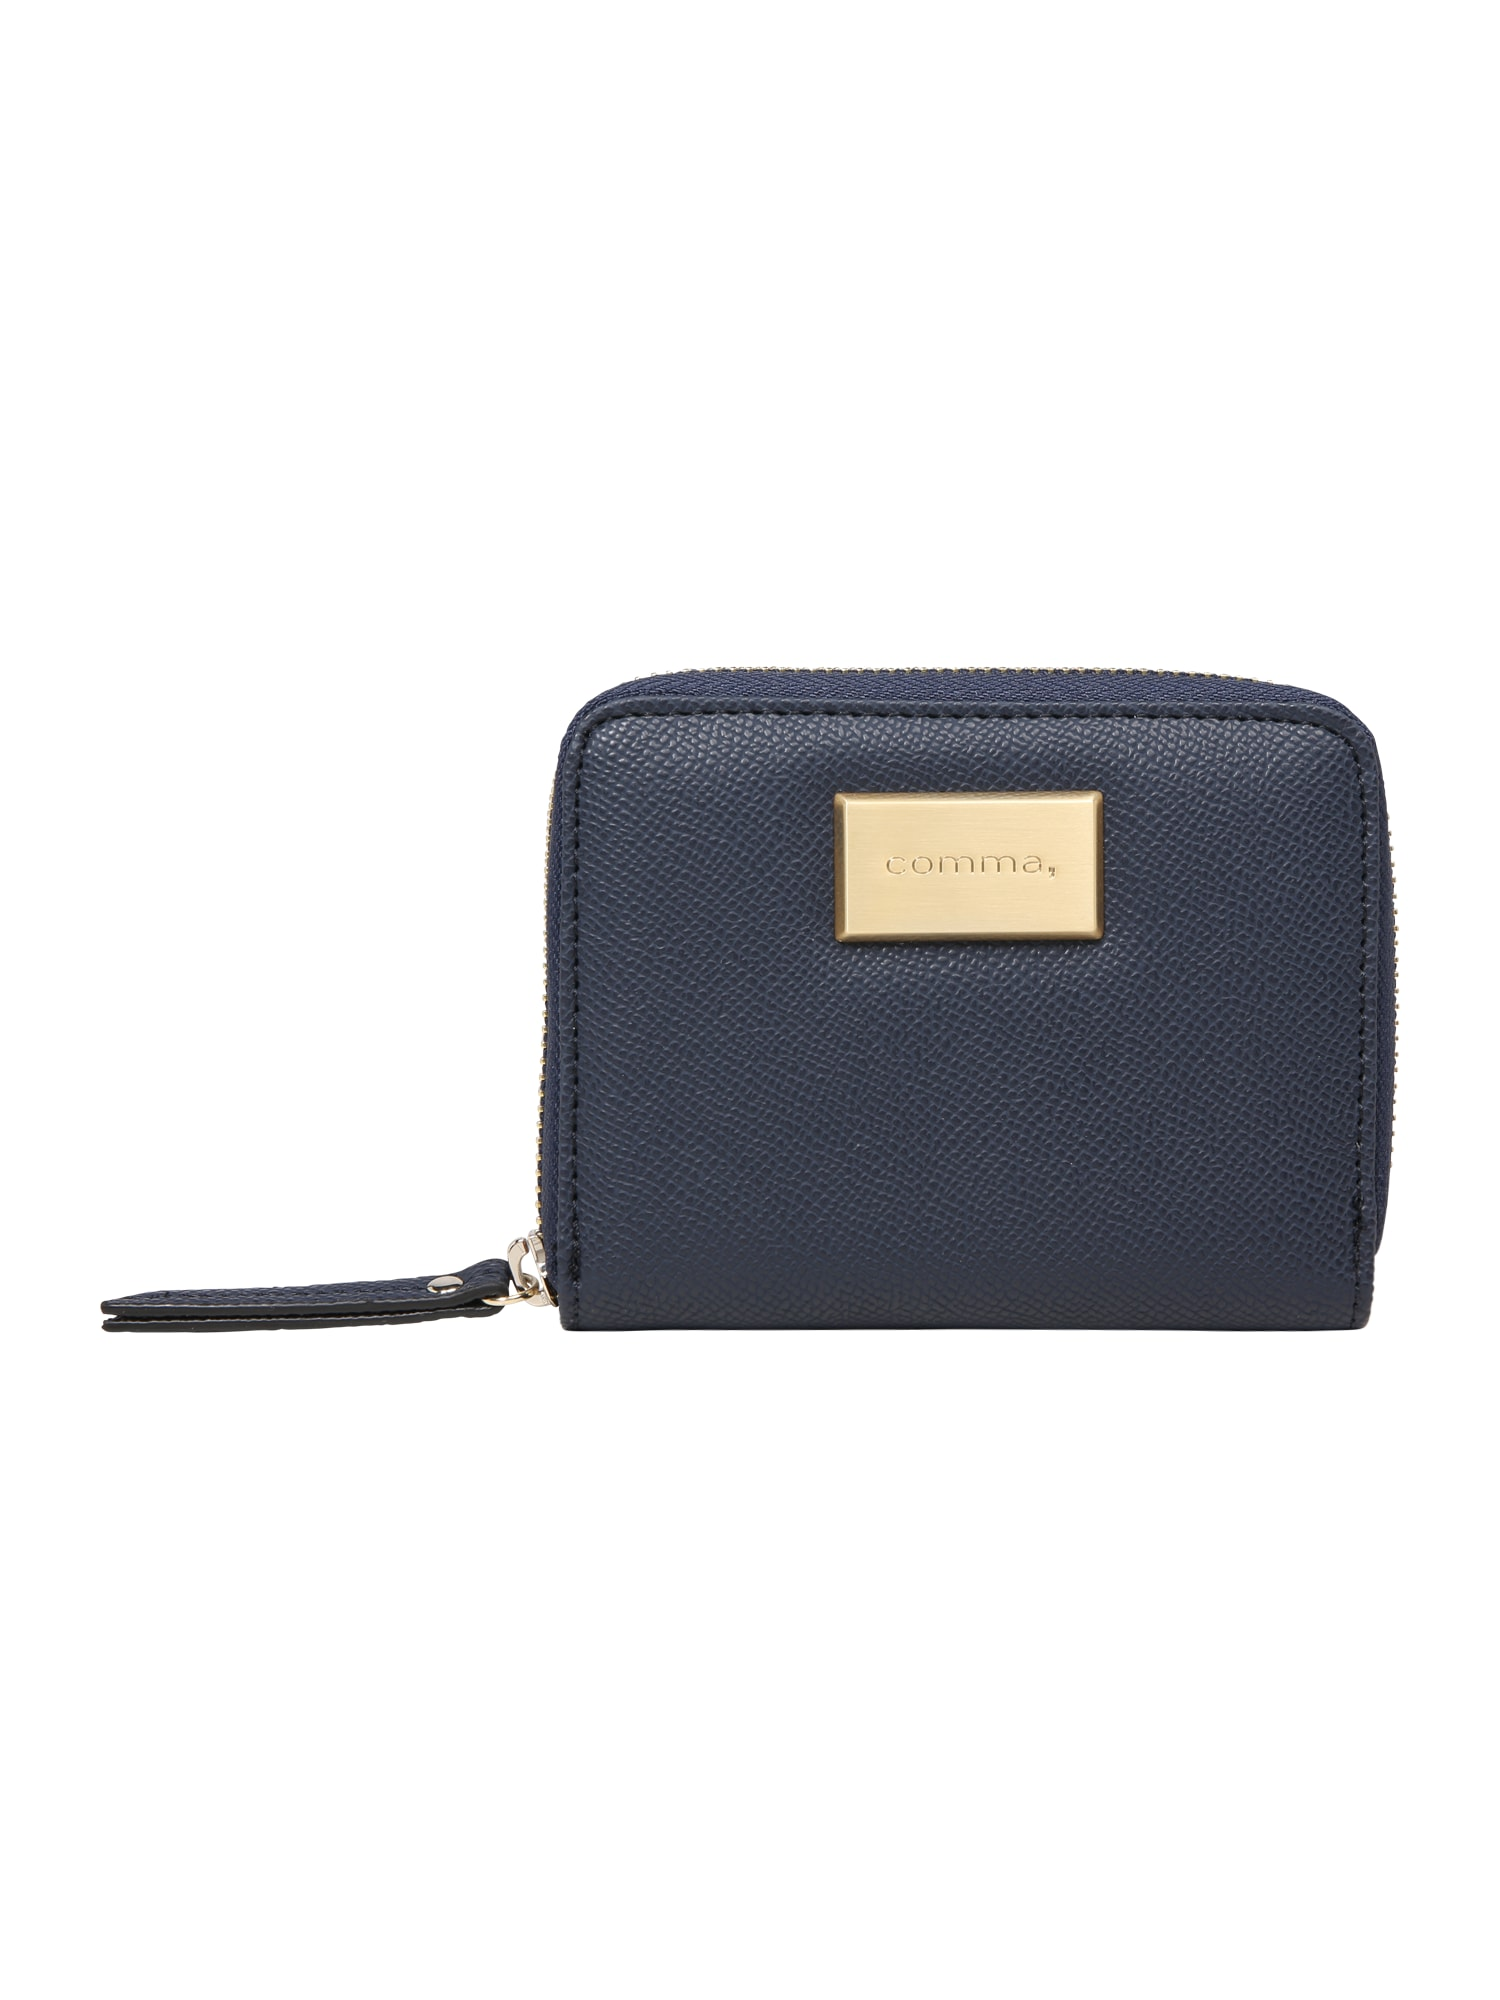 Peněženka BE YOURSELF 4180000276 tmavě modrá COMMA